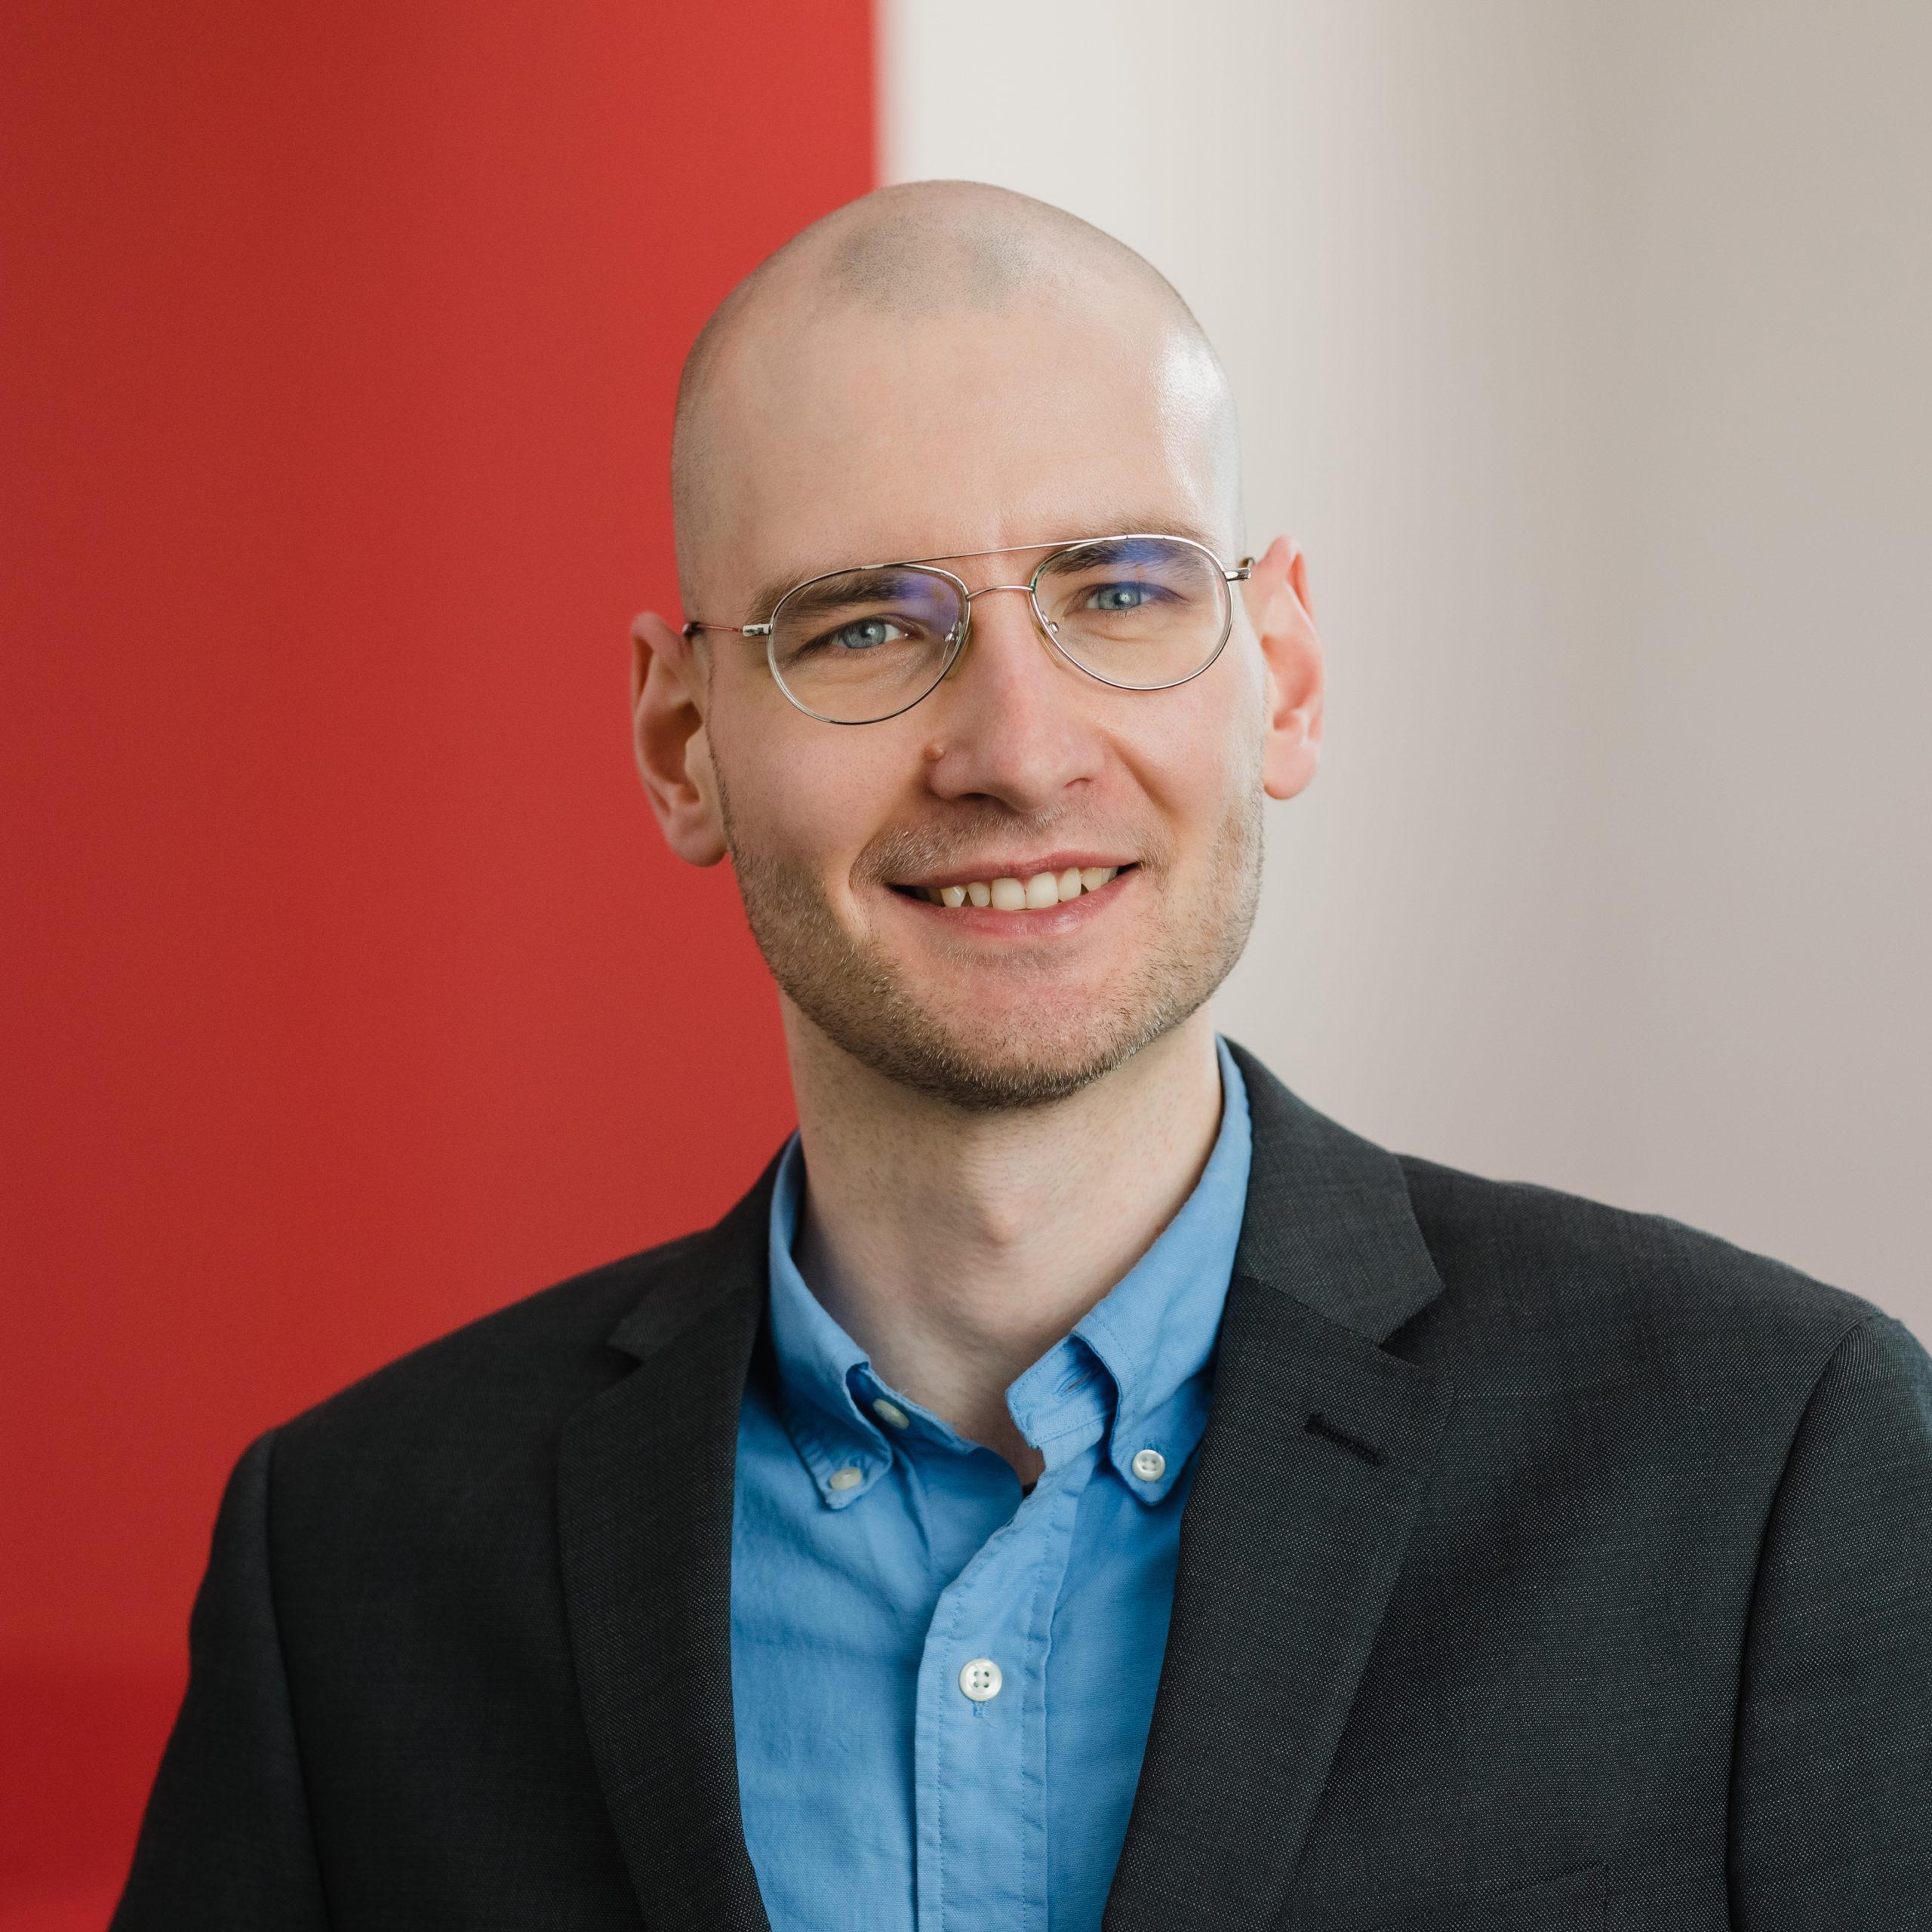 Thomas Jakubowsky